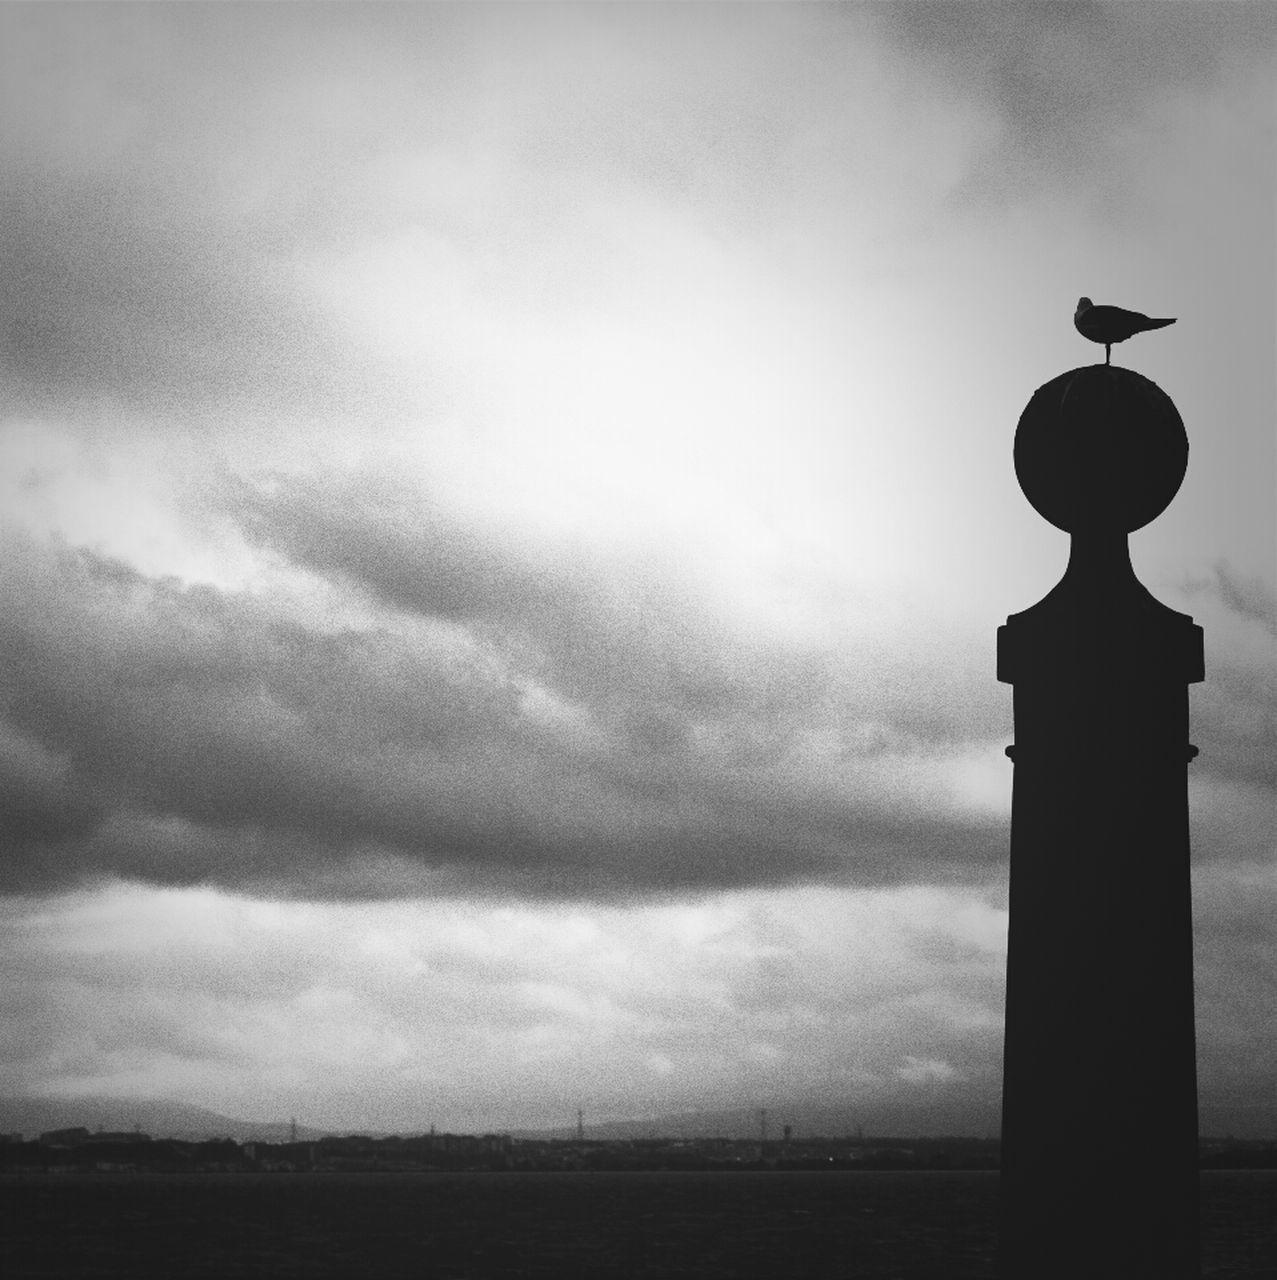 Bird On Pole Against Cloudy Sky